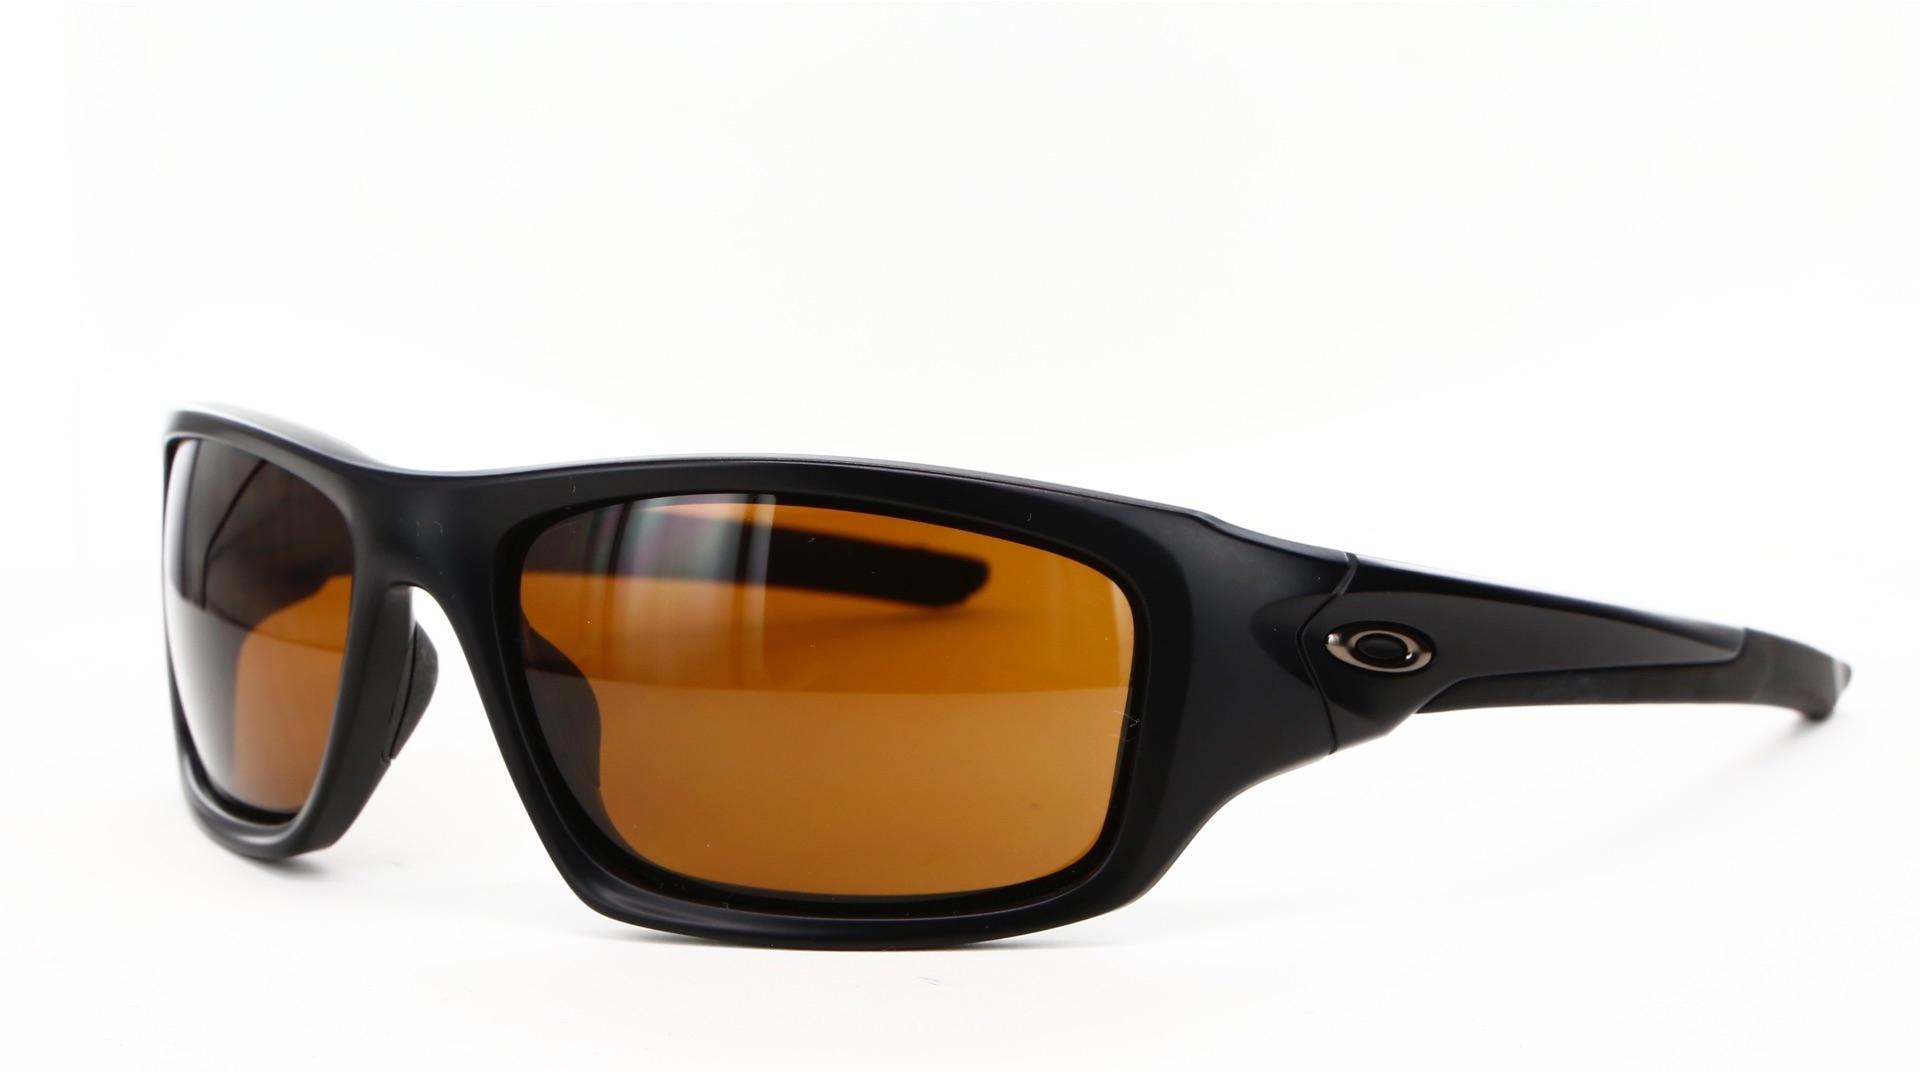 Oakley - ref: 71662